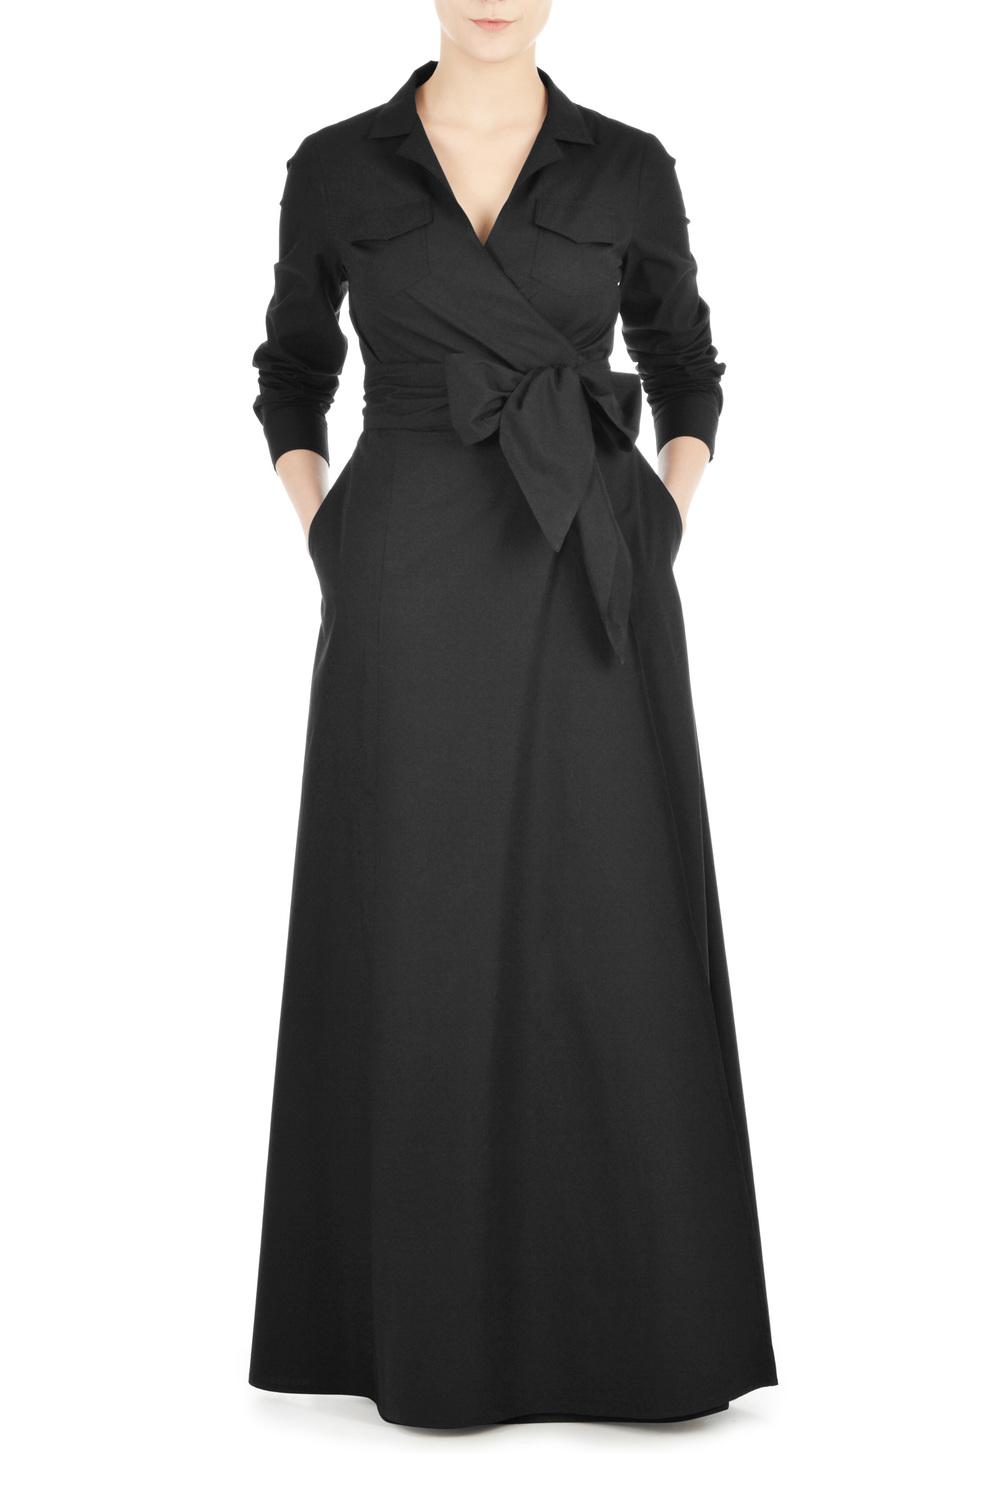 SASH TIE POPLIN MAXI WRAP DRESS. eshakti. $74.